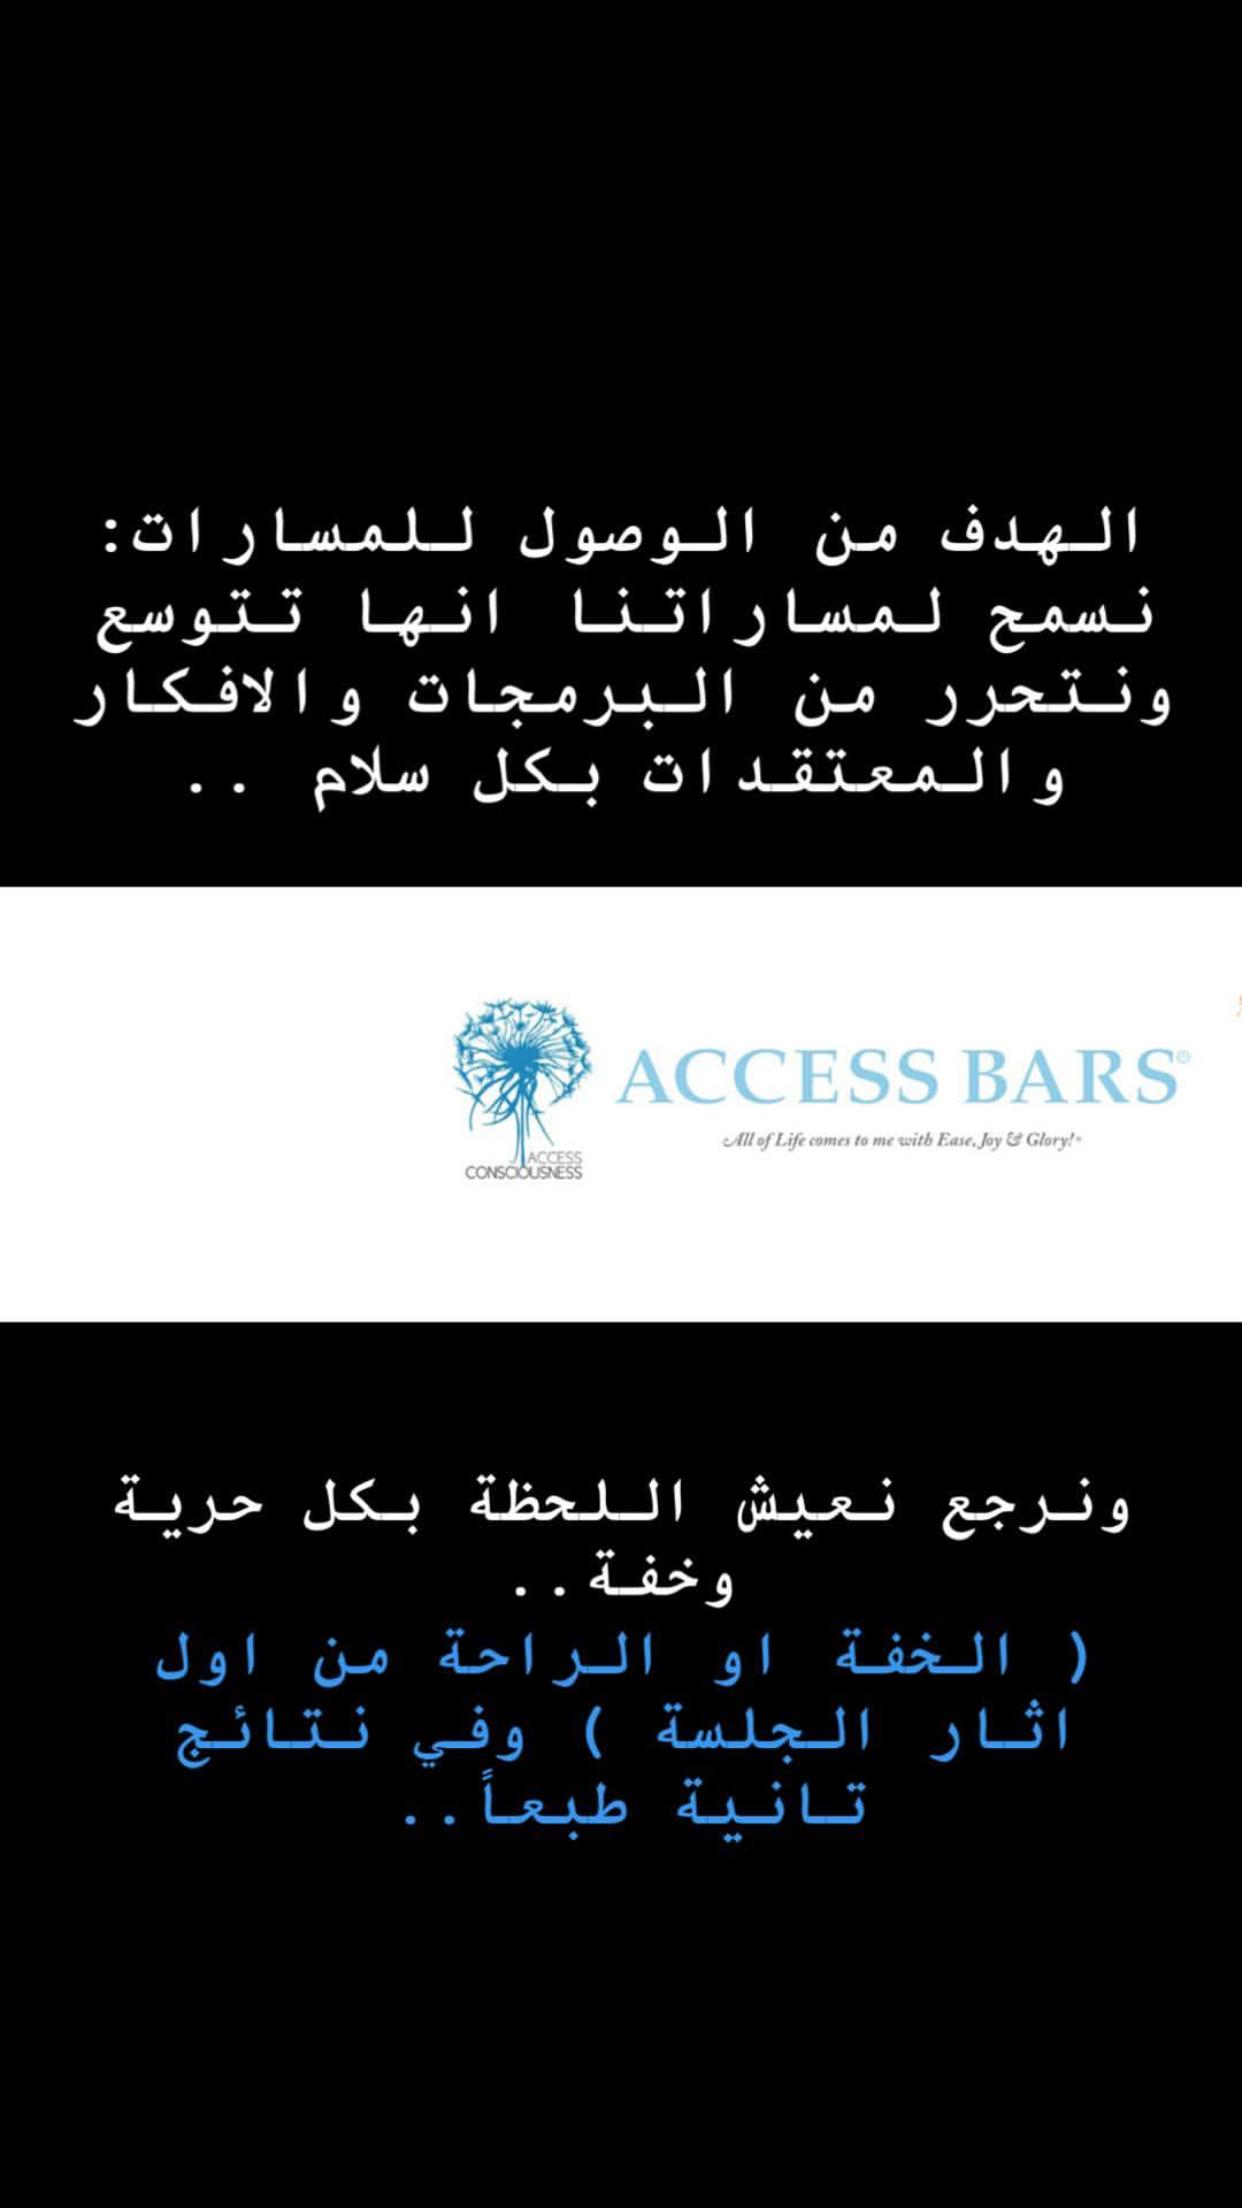 Pin By Maram On Access Bars مسارات الوعي Access Bars Access Consciousness Consciousness